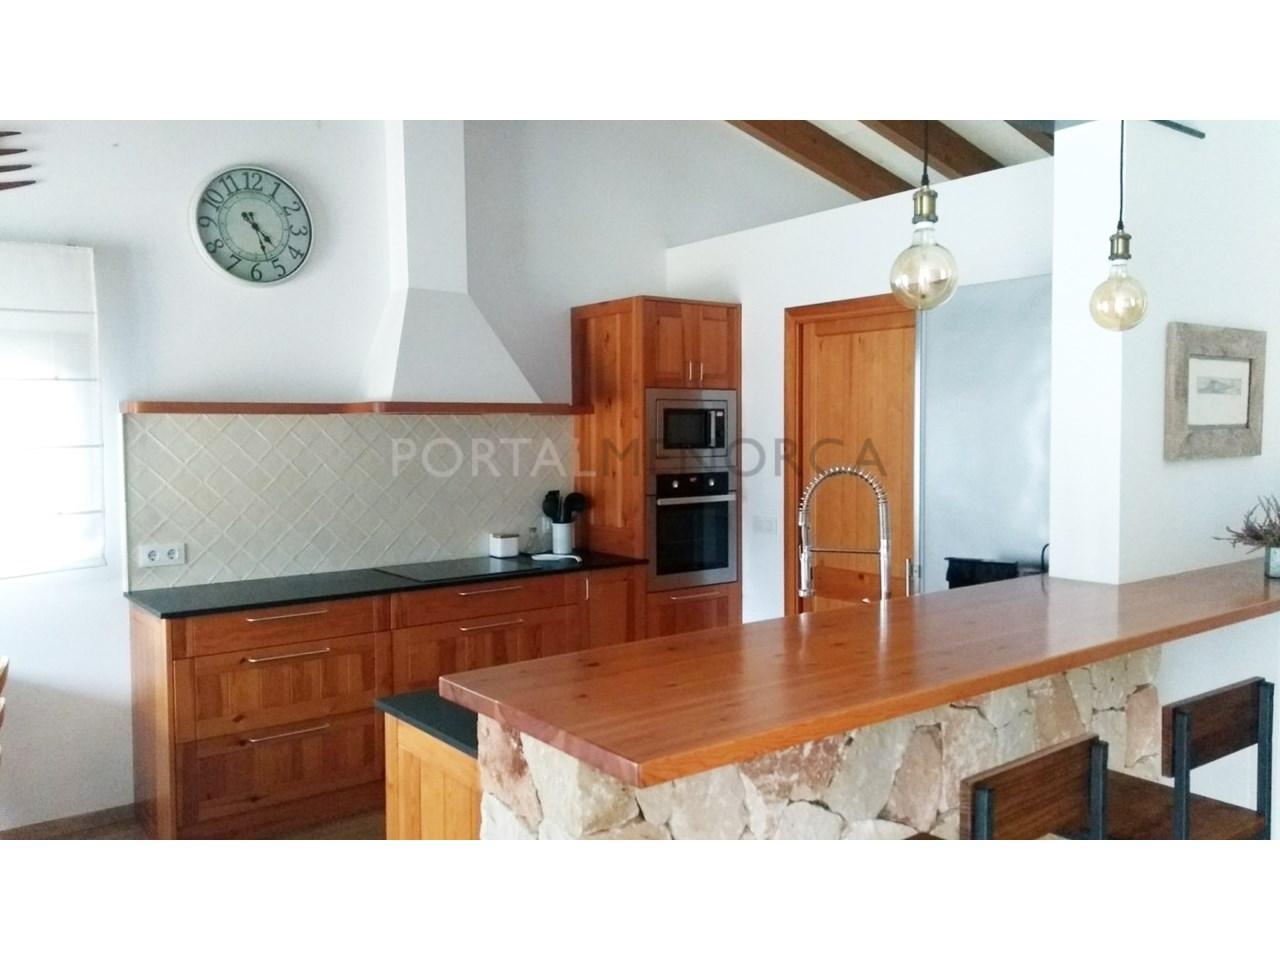 Chalet à vendre à Cala Morell-cuisine